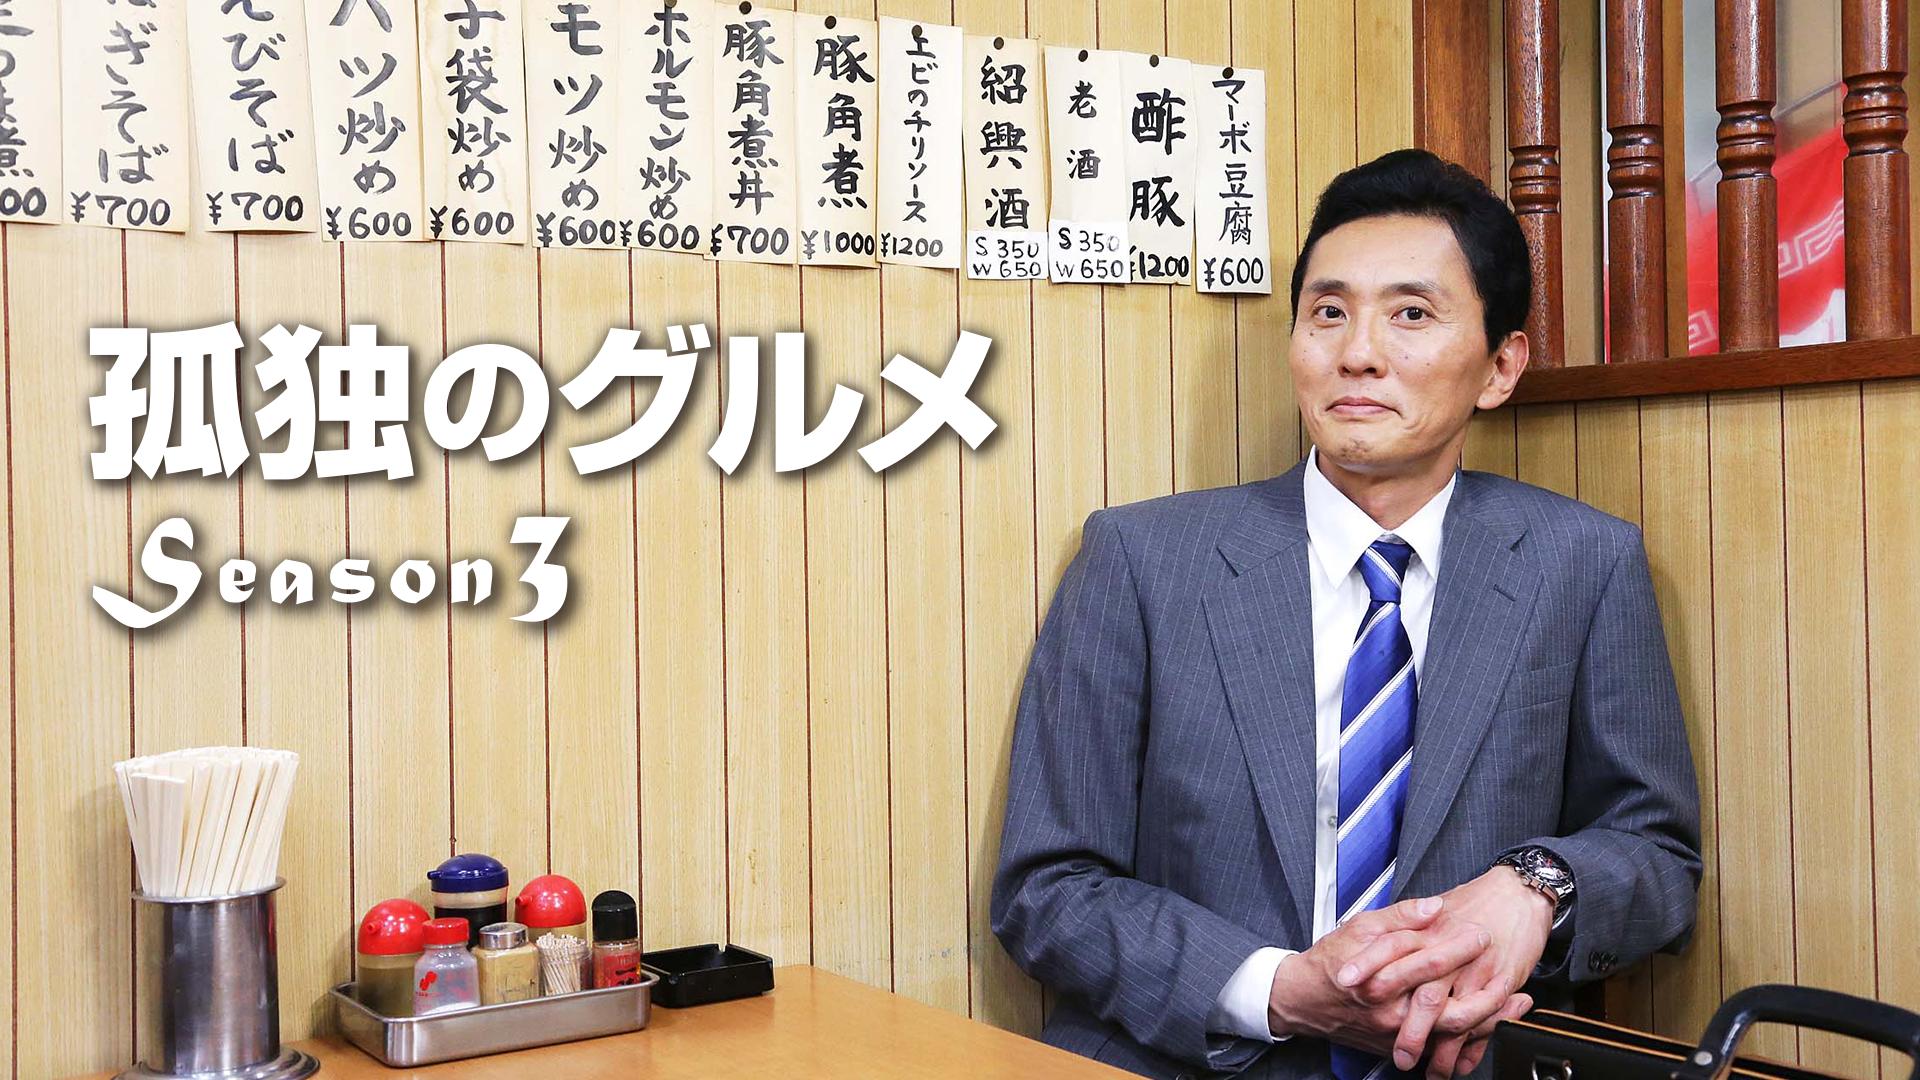 孤独のグルメ Season3の動画 - 孤独のグルメ 大晦日スペシャル~食べ納め!瀬戸内出張編~